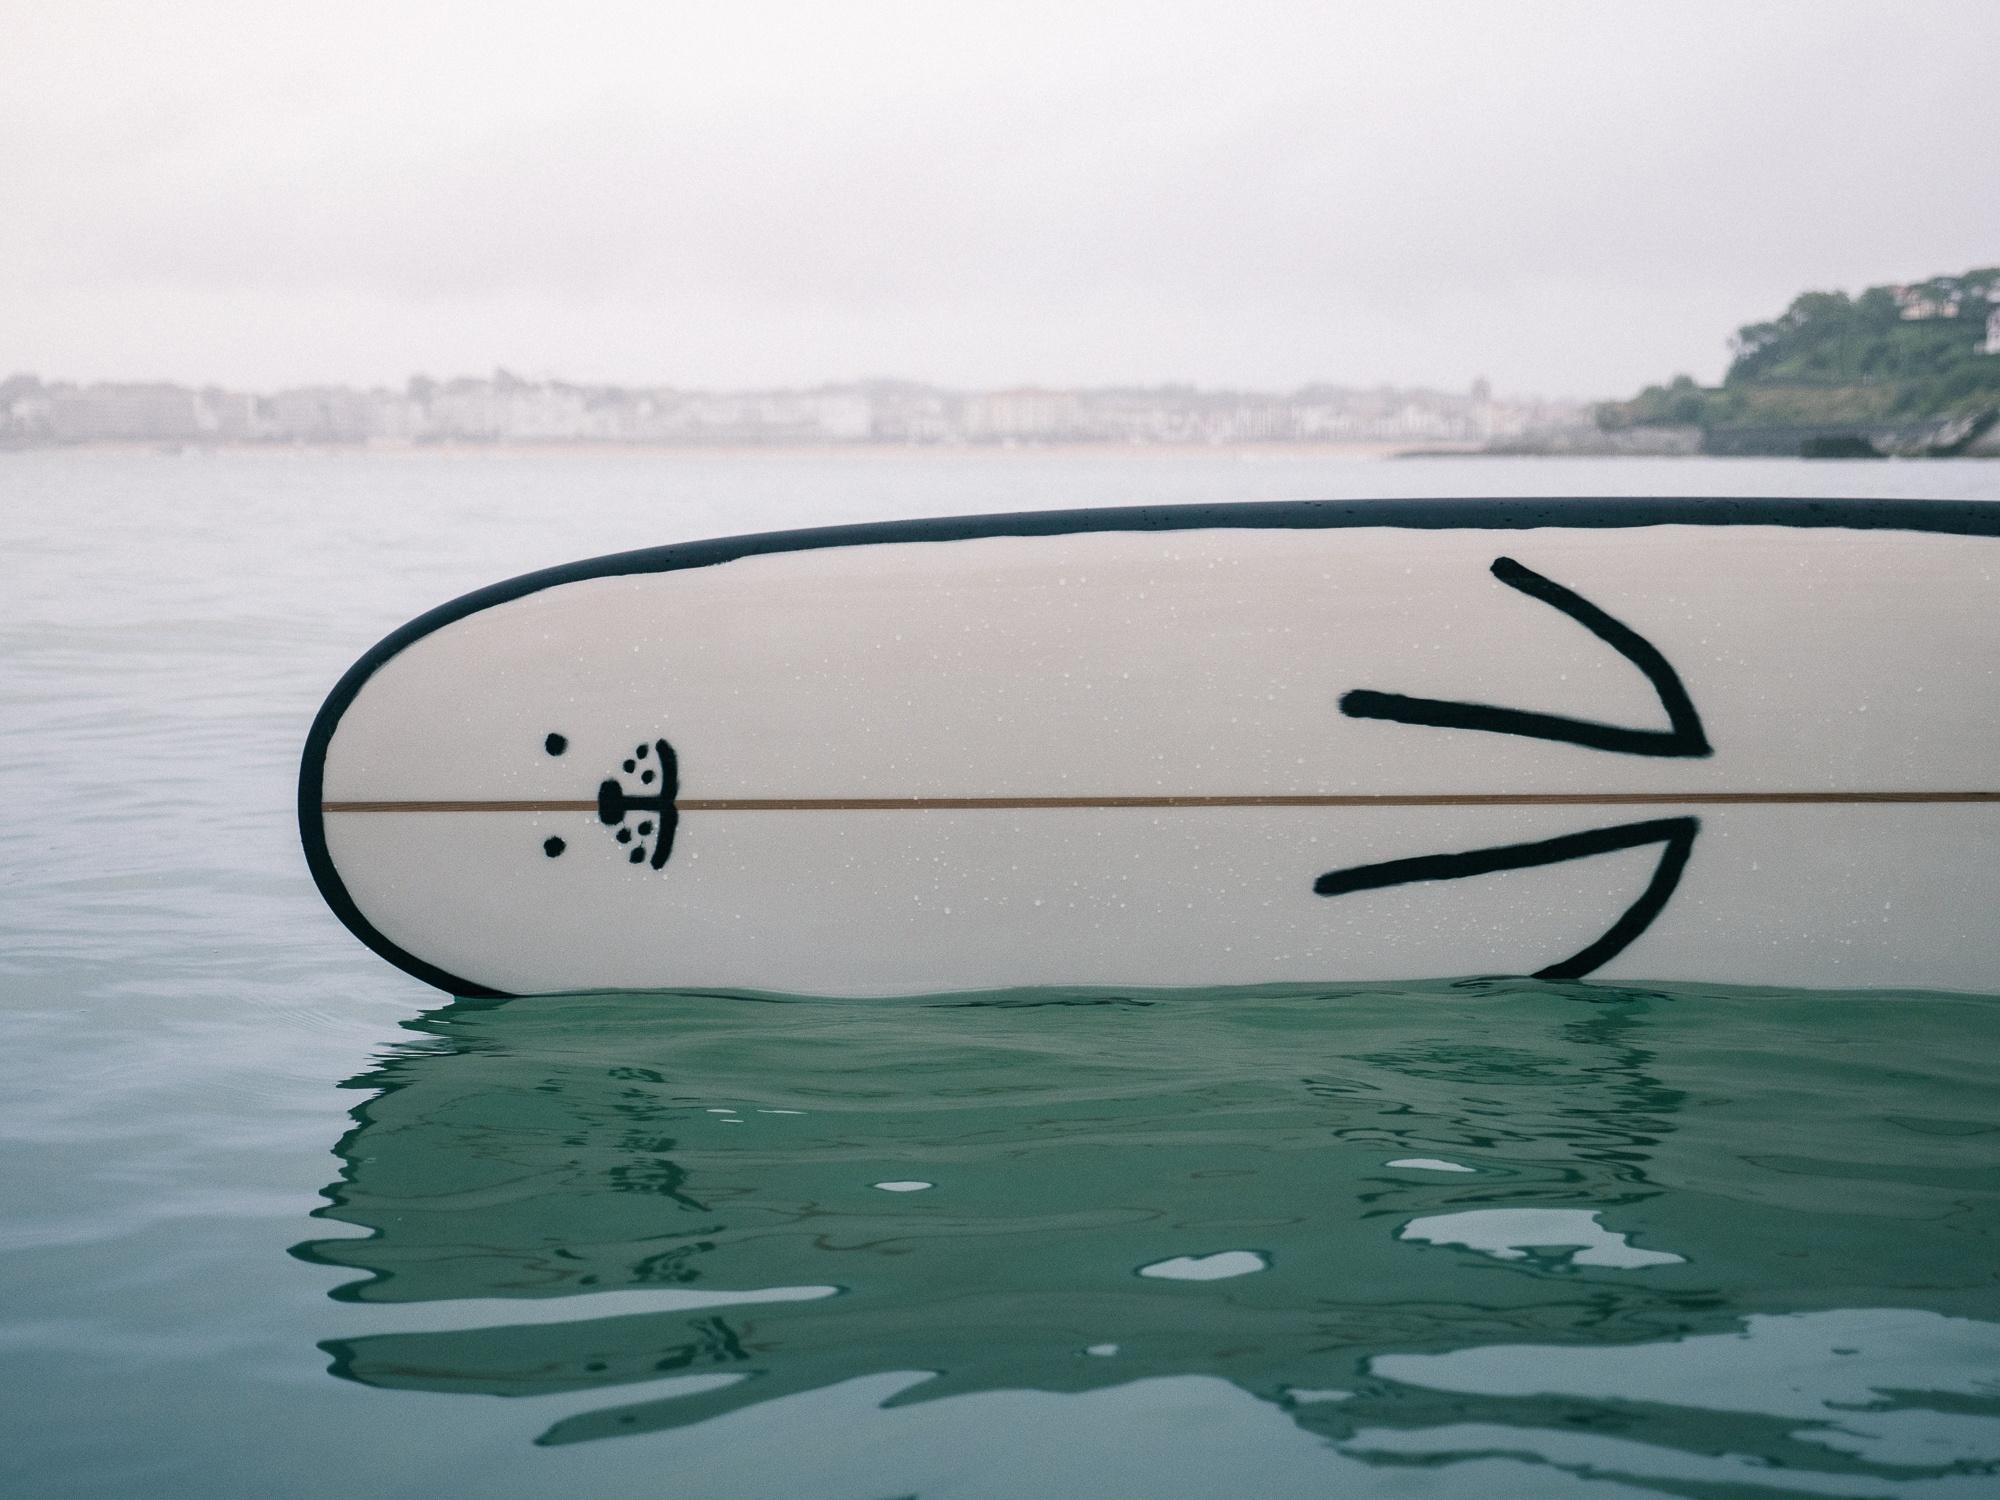 Surfboards by Jean Jullien